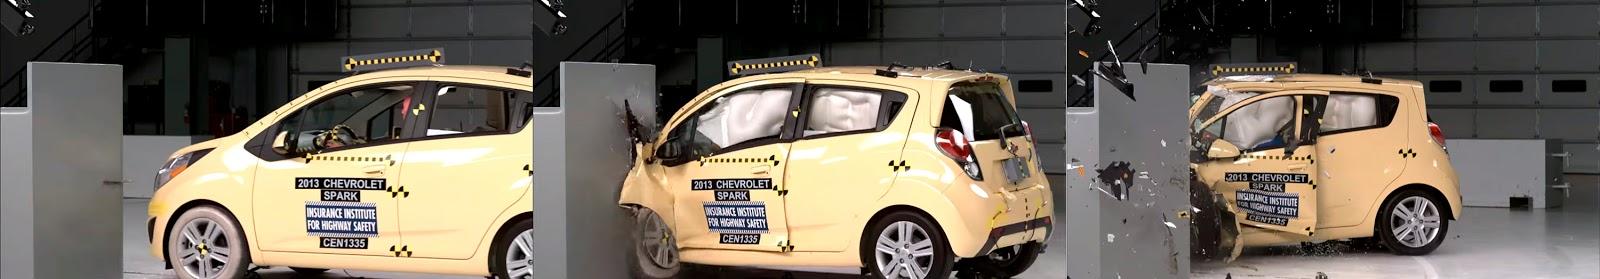 2015 Chevrolet Spark Gt Conduccin Y Seguridad